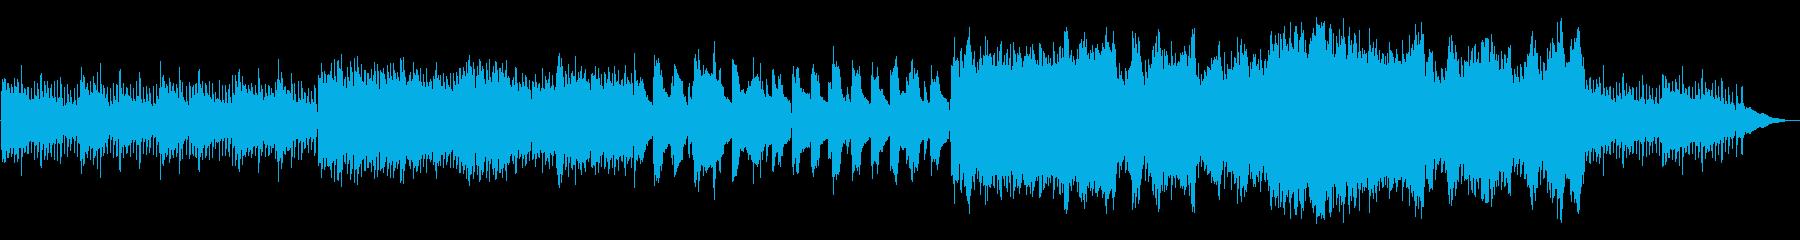 悲しいピアノ・ストリングス曲の再生済みの波形